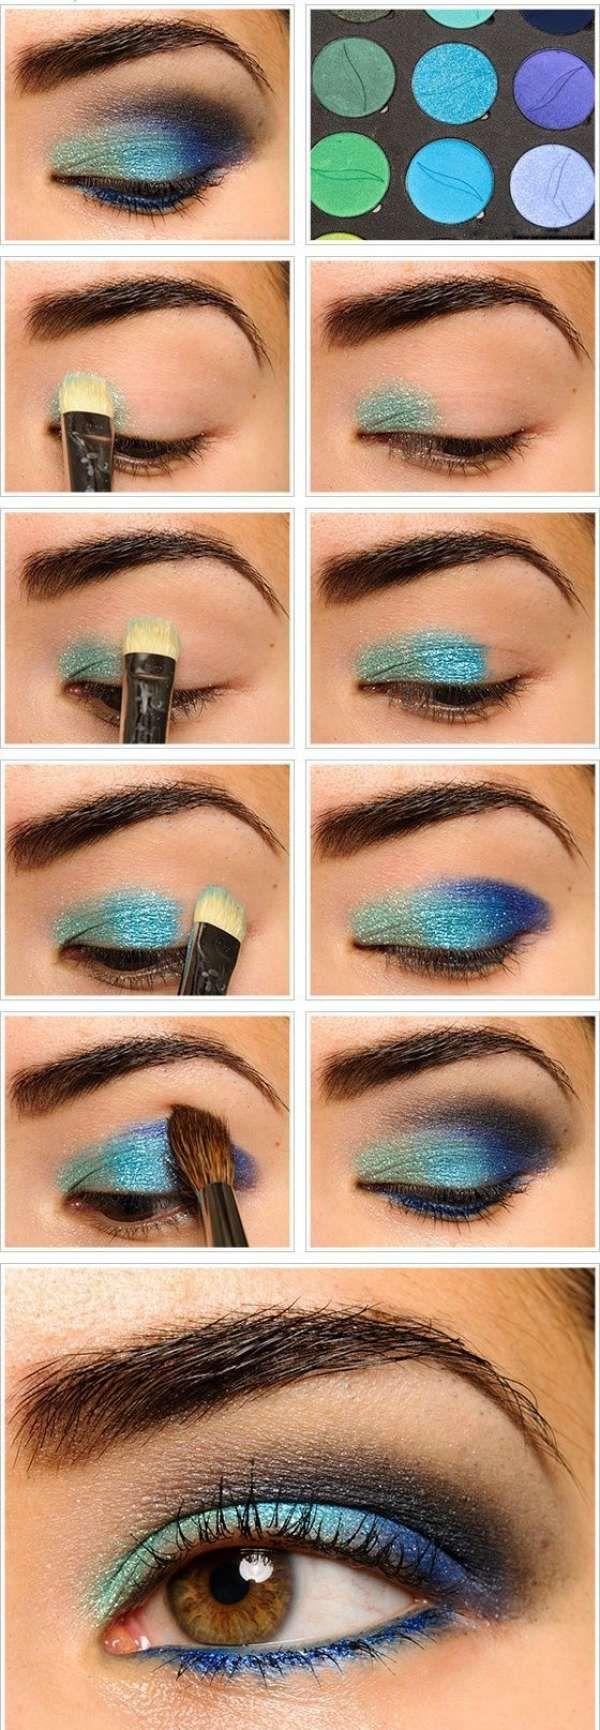 Maquillage bleu pailleté. 15 tutos de maquillages pour les yeux que vous allez adorer